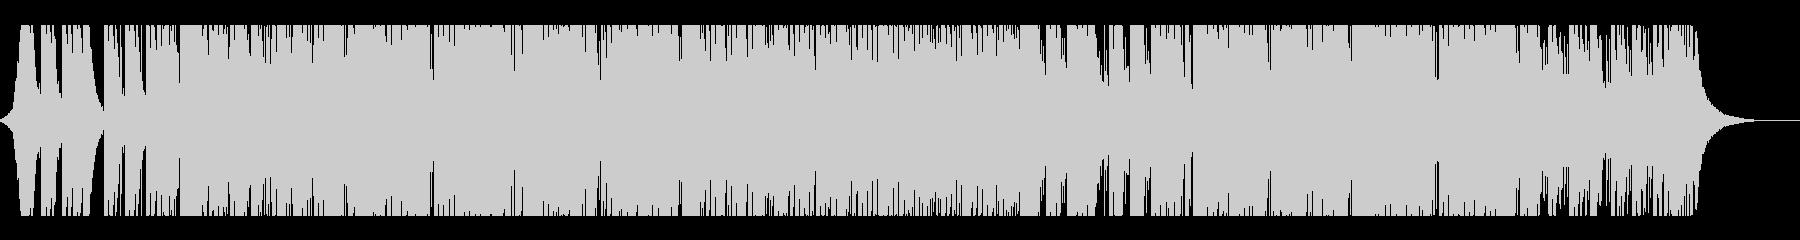 フュージョン ジャズ 企業イメージ...の未再生の波形